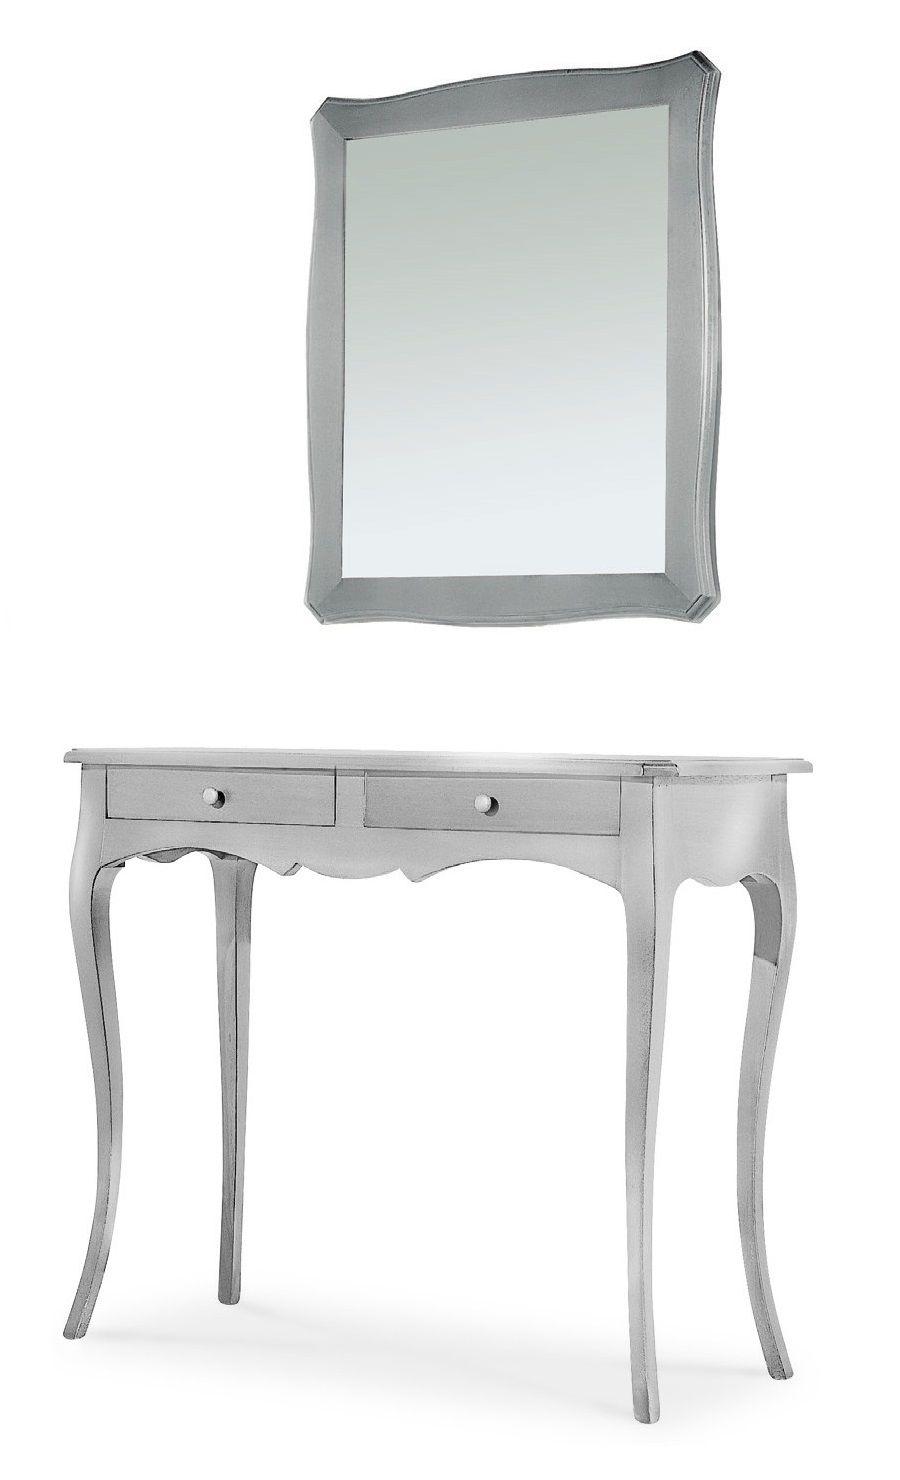 Mobili da arredo : Mobile Marilyn Consolle con specchio per ...